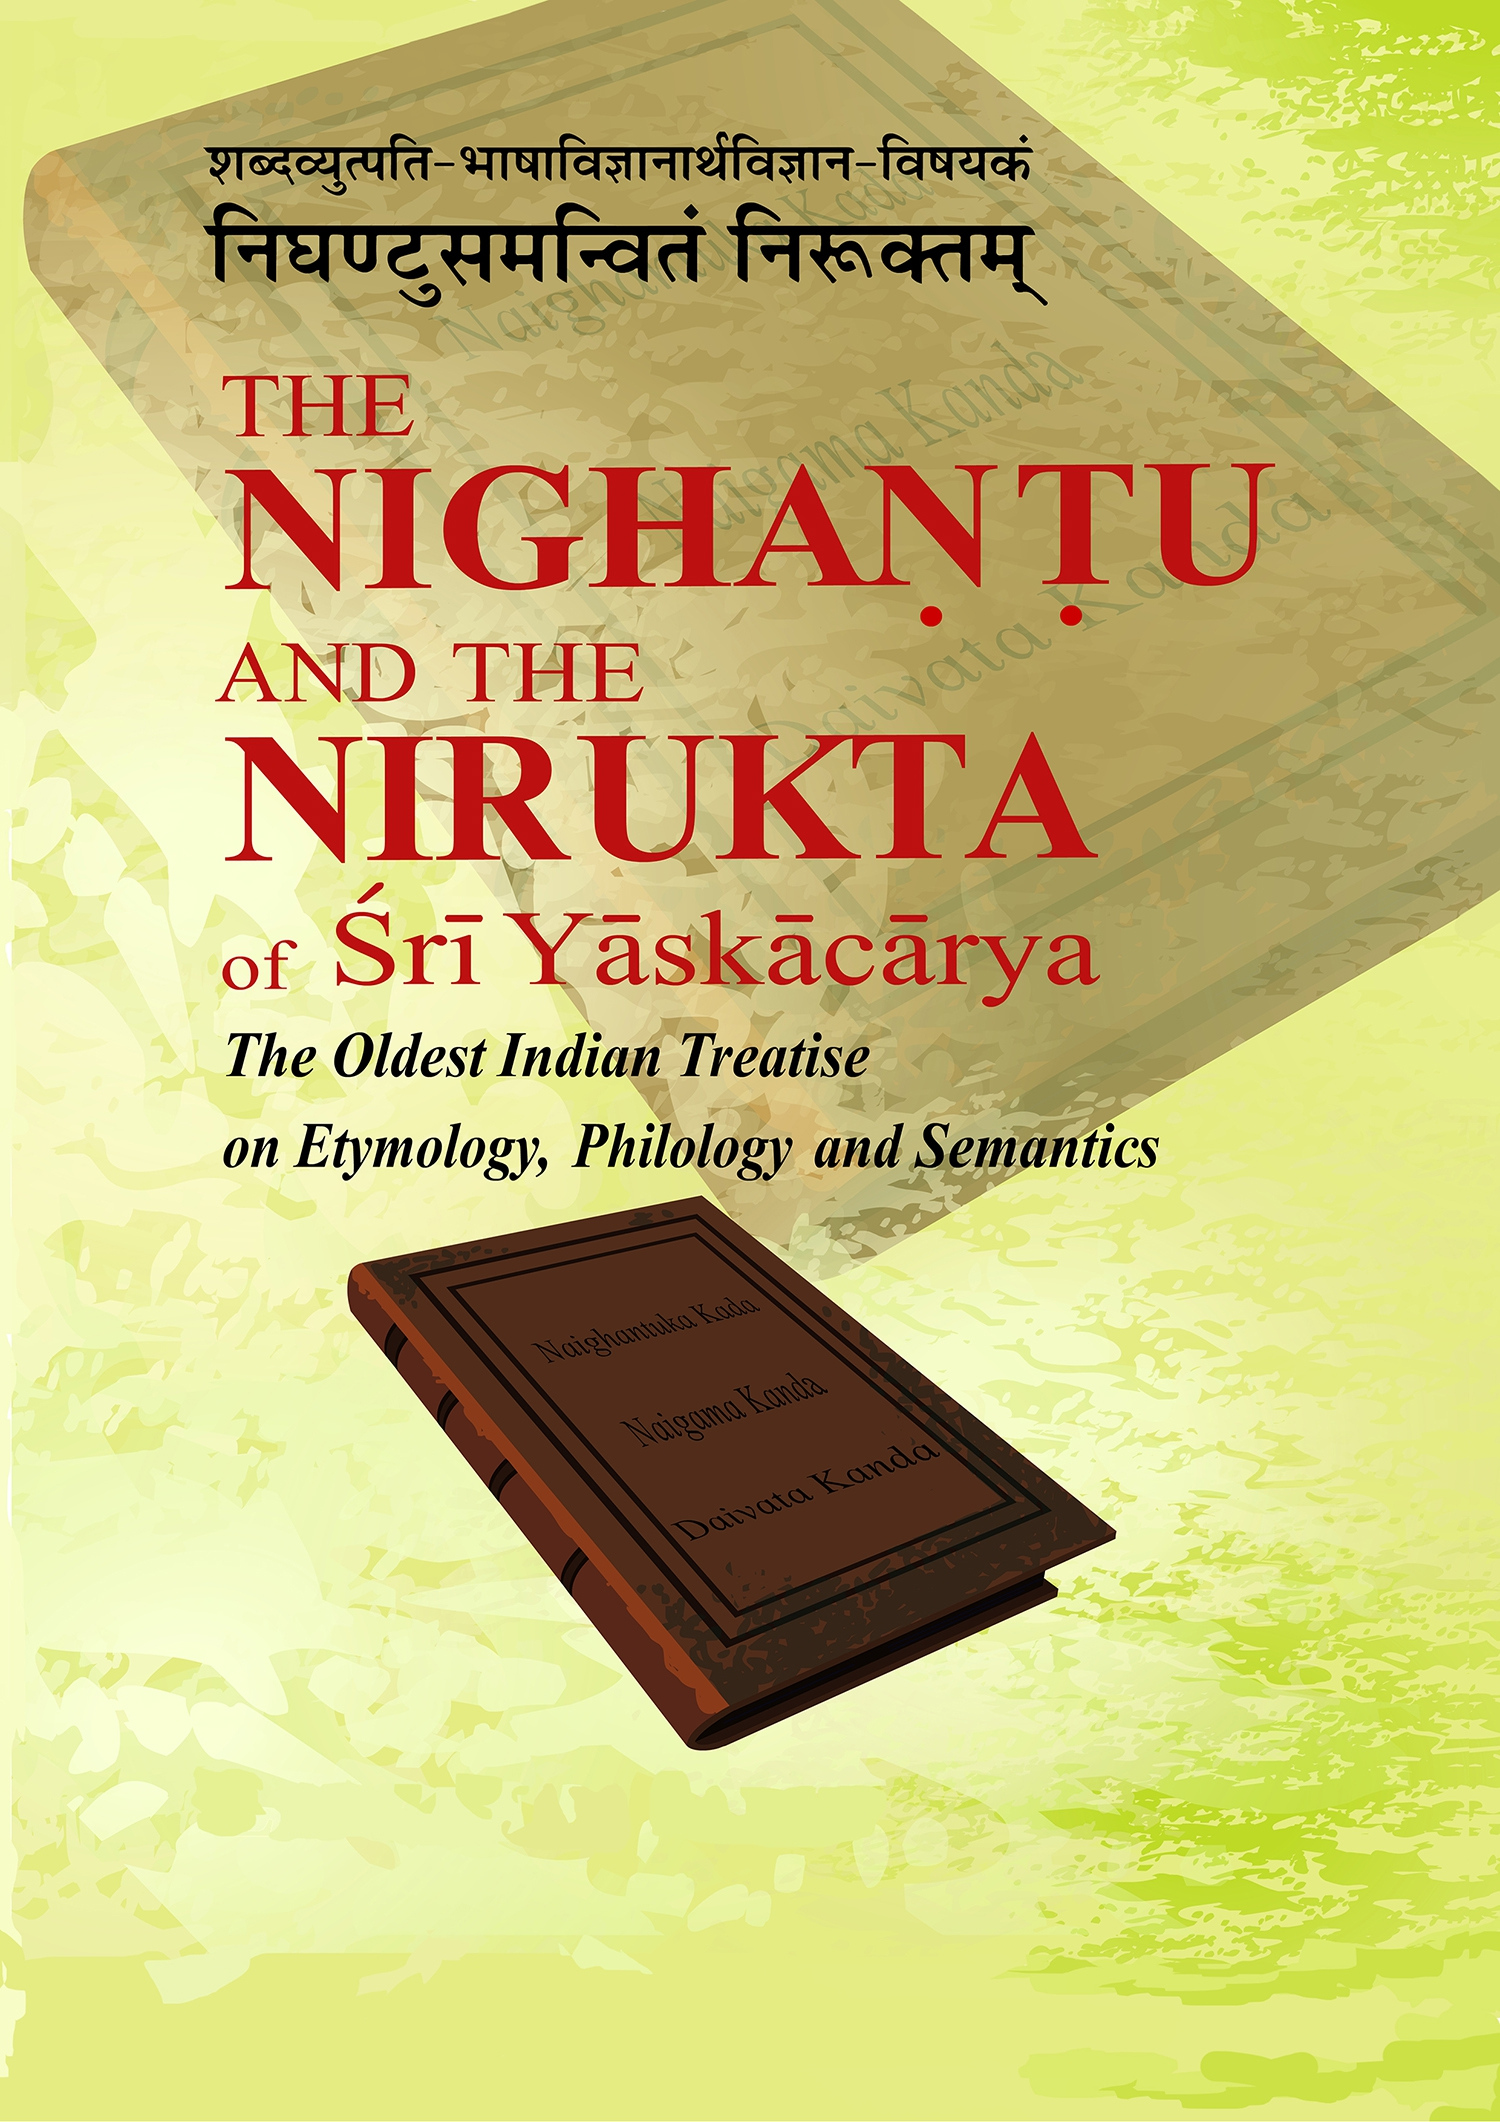 Nighantu & Nirukta